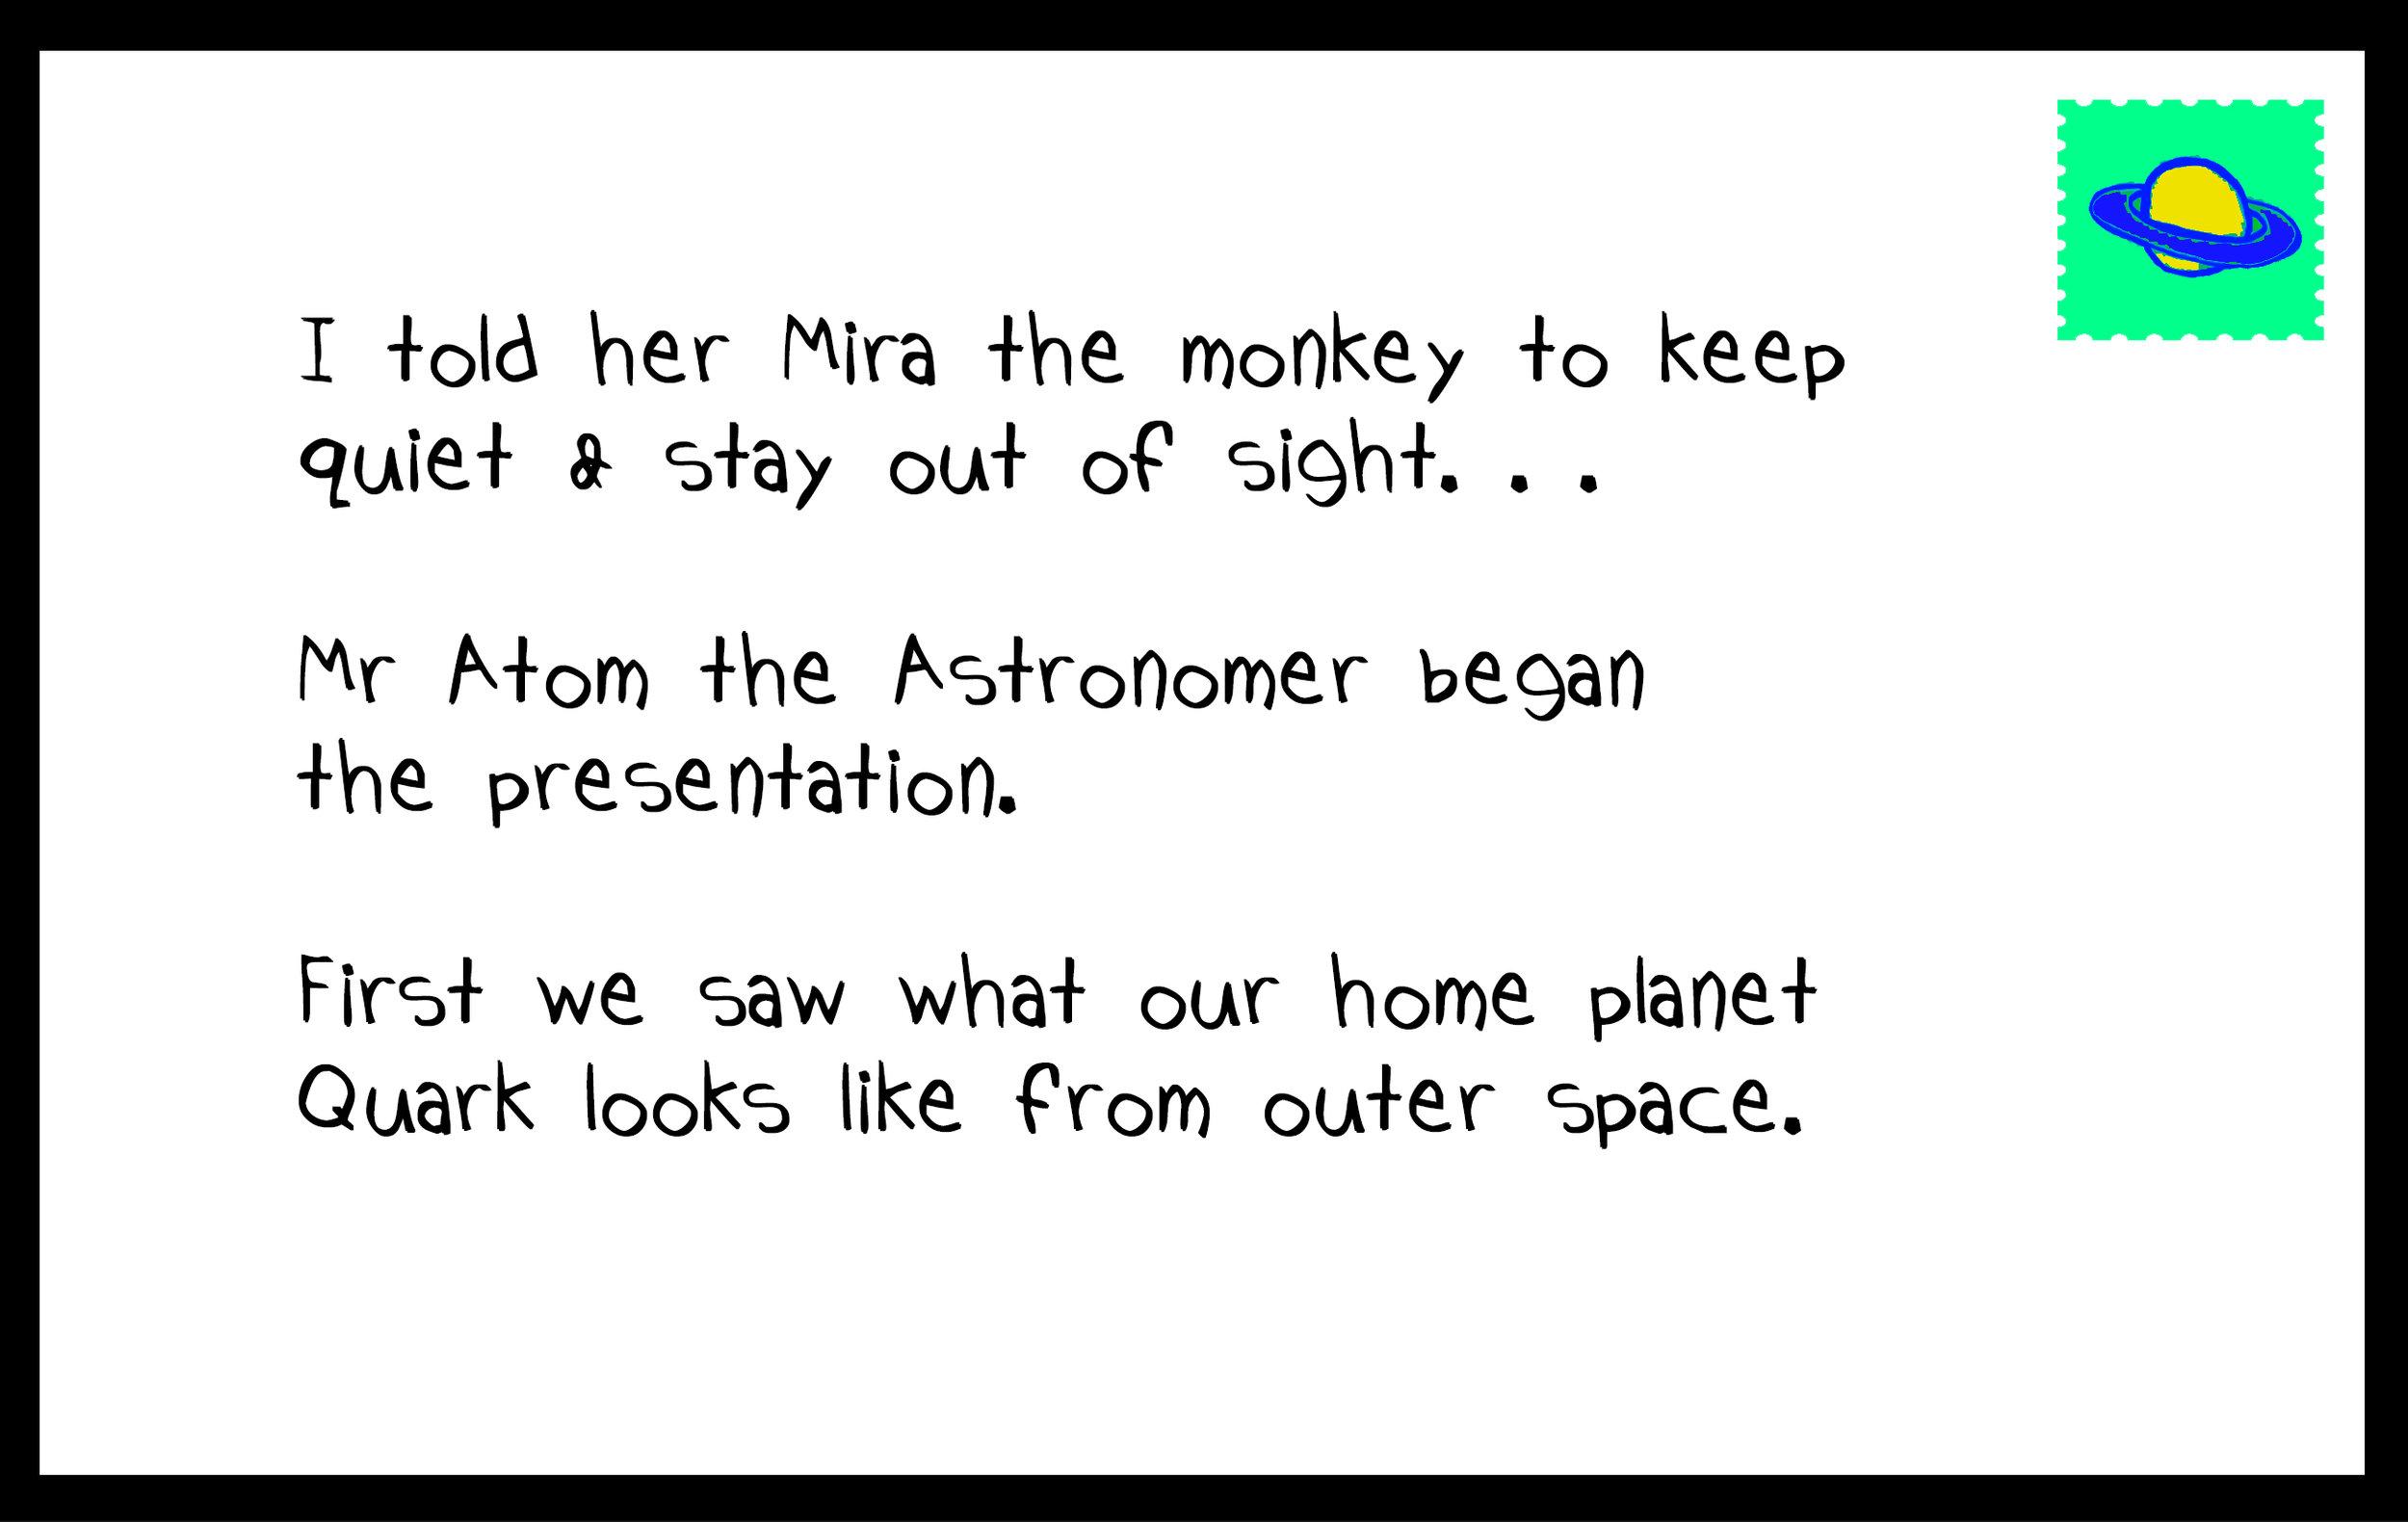 Quil planetarium text 2_edited-1.jpg